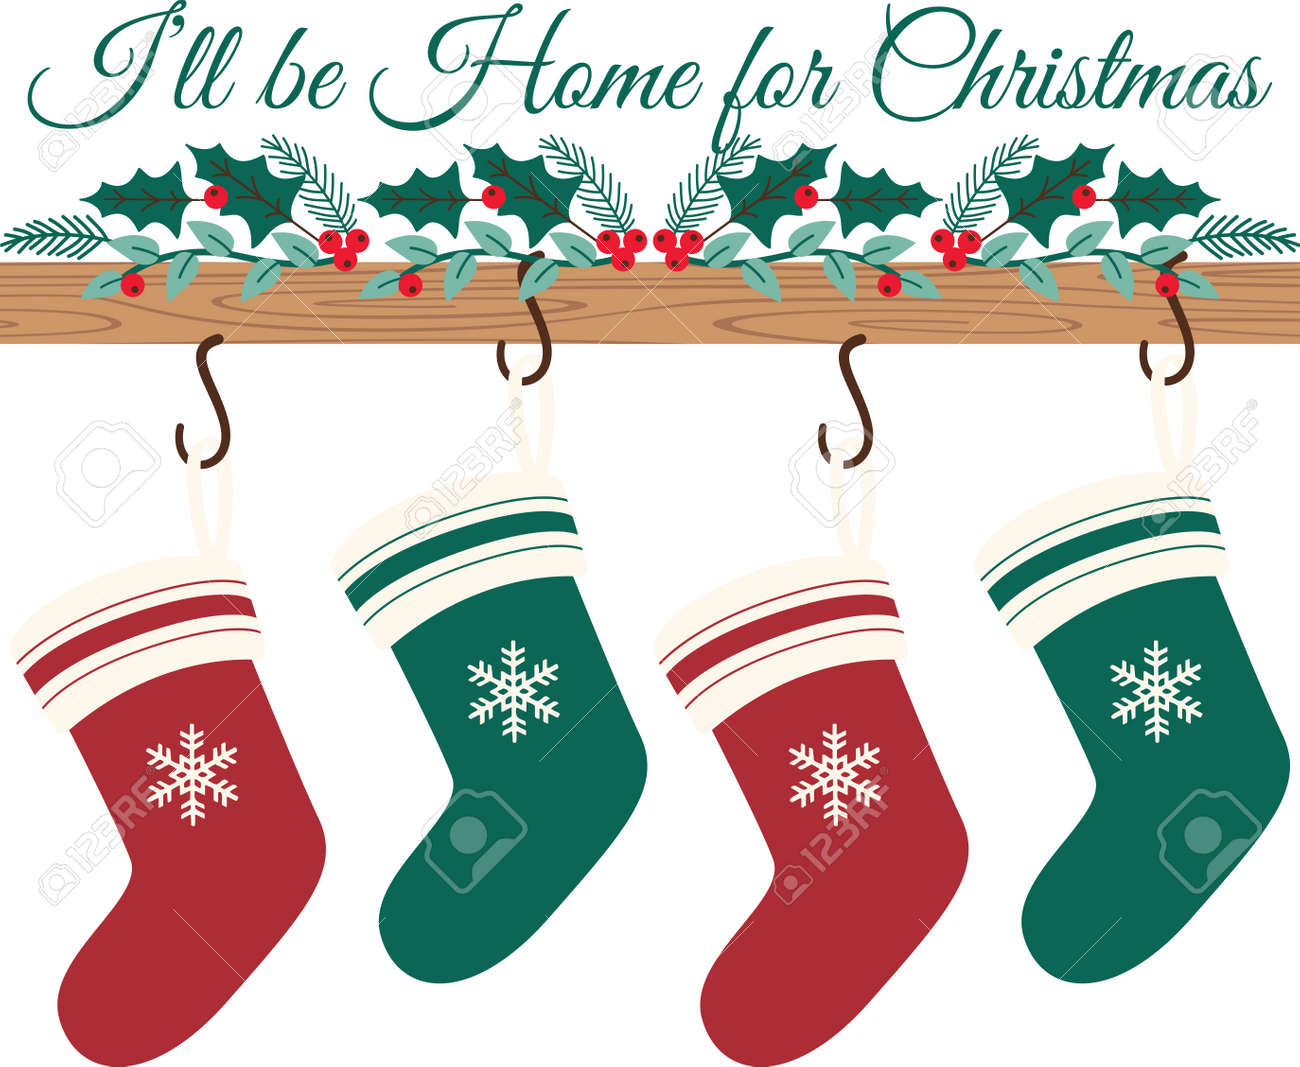 Christmas Stockings Last Forever, Making Their Presence Felt ...